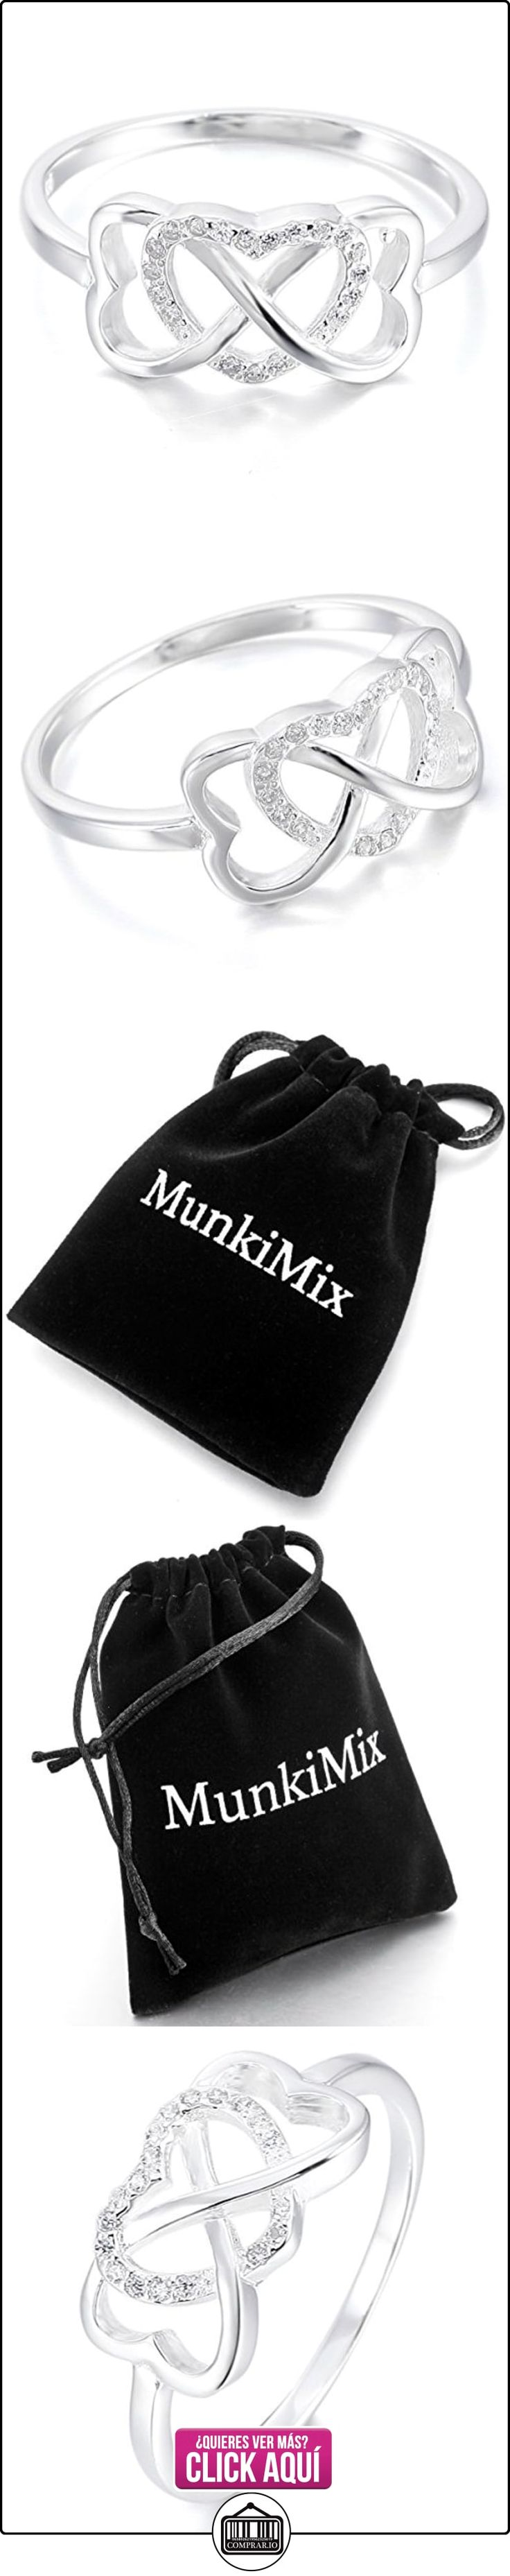 MunkiMix 925 Plata Anillo Ring Cz Cubic Zirconia Circonita Plata Infinito Infinity Corazón Heart Alianzas Boda Talla Tamaño 15 Mujer  ✿ Joyas para mujer - Las mejores ofertas ✿ ▬► Ver oferta: http://comprar.io/goto/B00EWH0F8Y